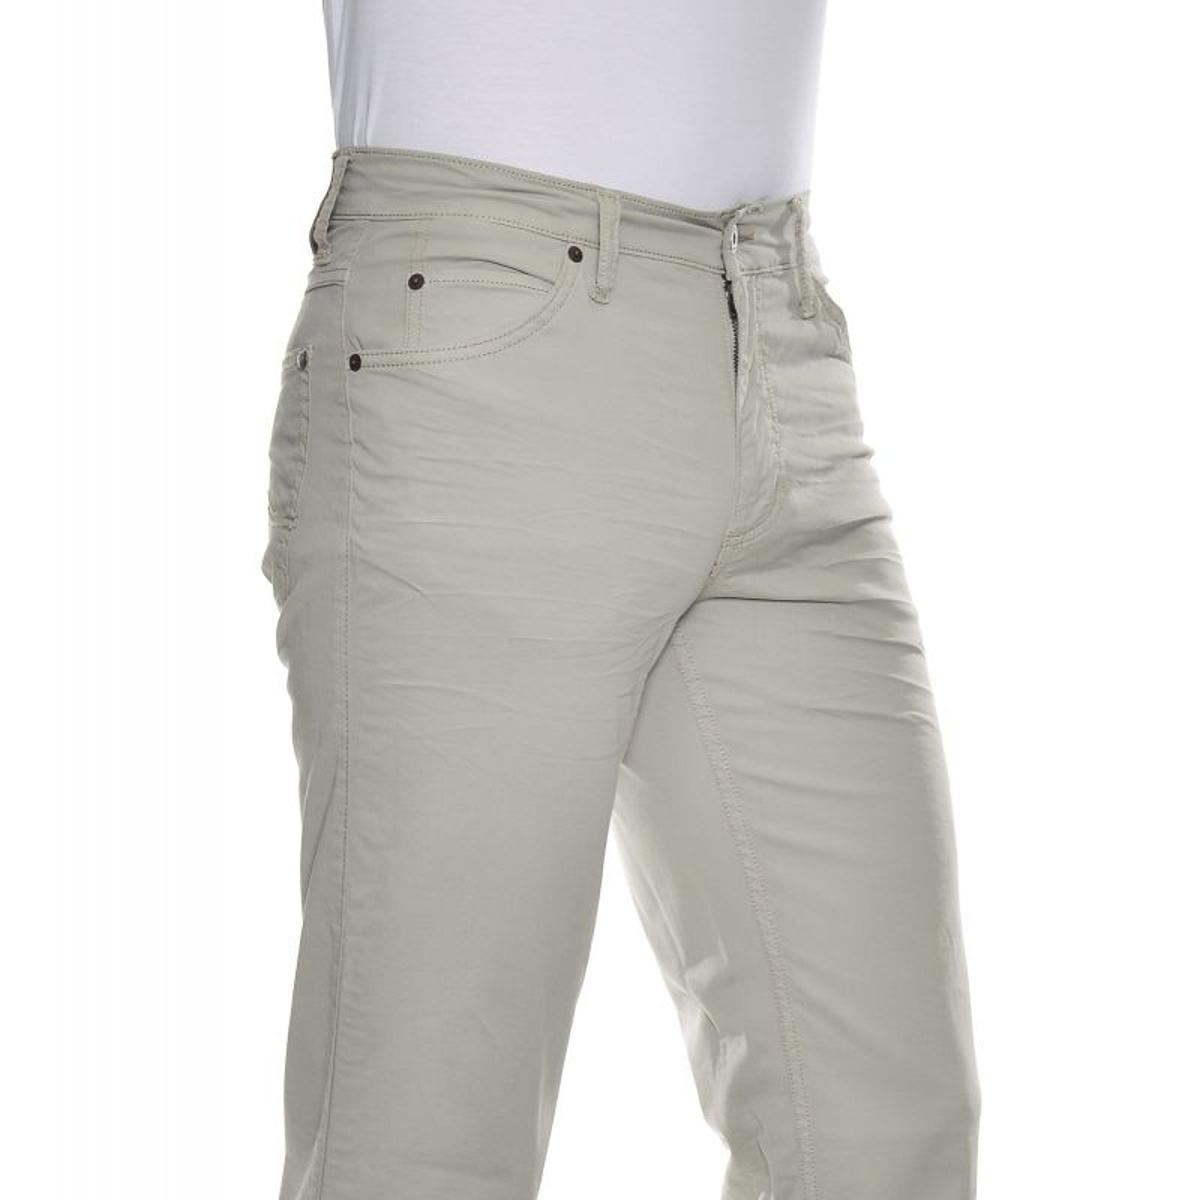 Pantalon gris clair longueur 38